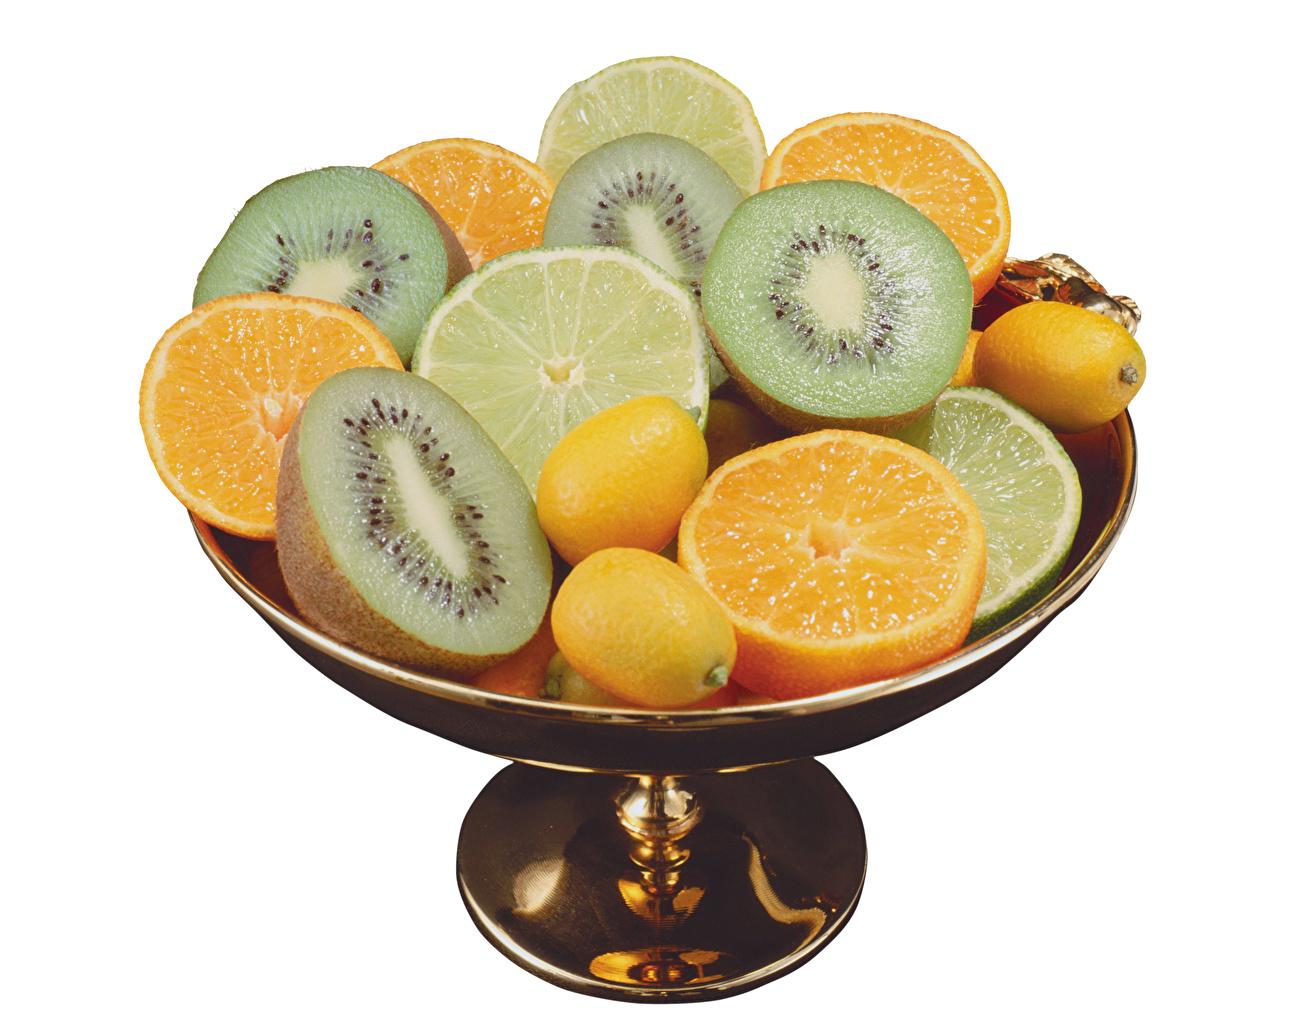 Desktop Wallpapers Orange fruit Kiwi Lemons Food Fruit White background Kiwifruit Chinese gooseberry